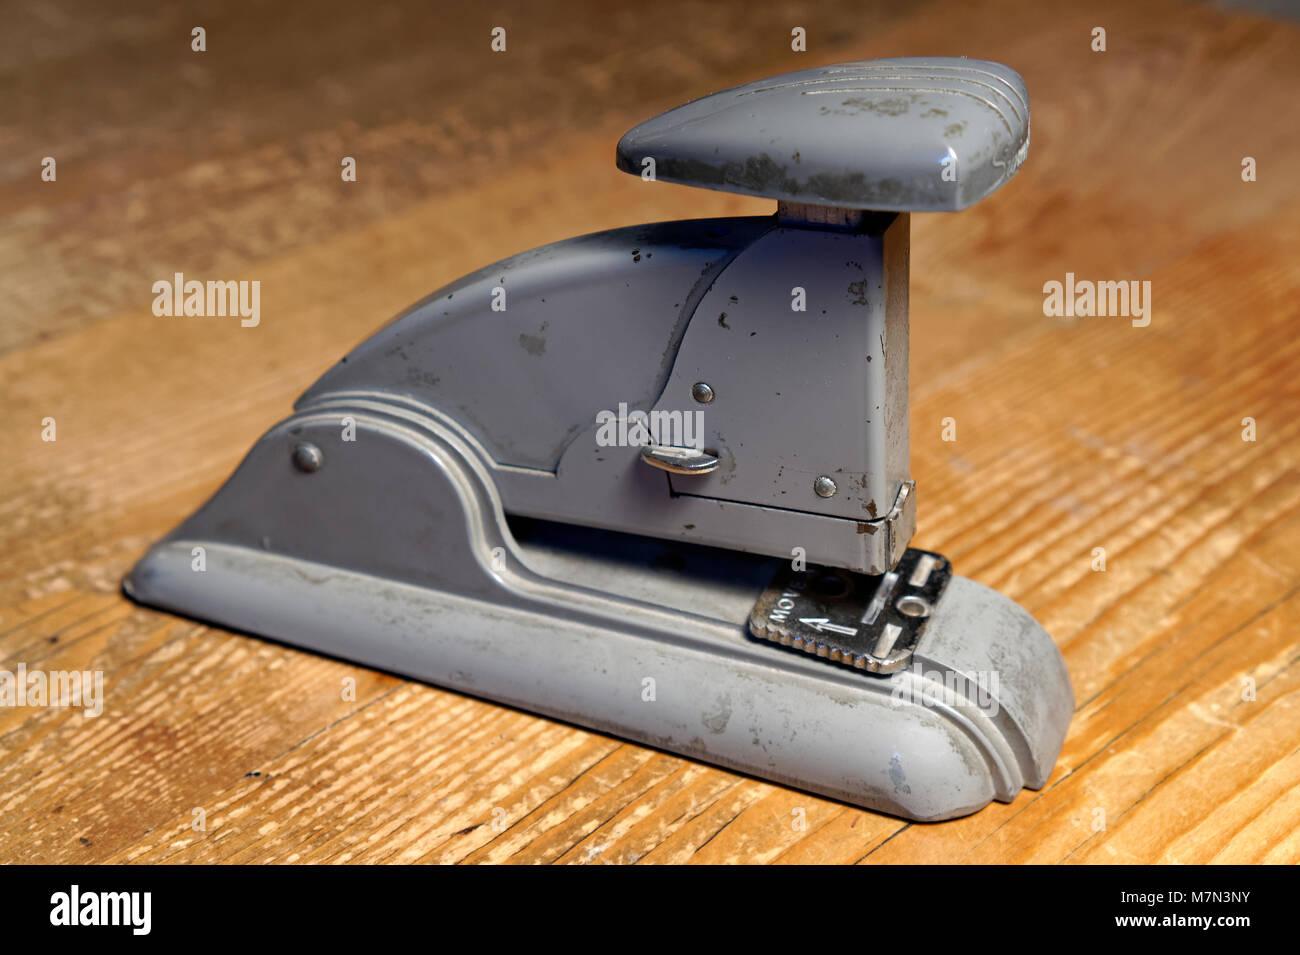 Vintage s era agrafeuse swingline débit assis sur un vieux